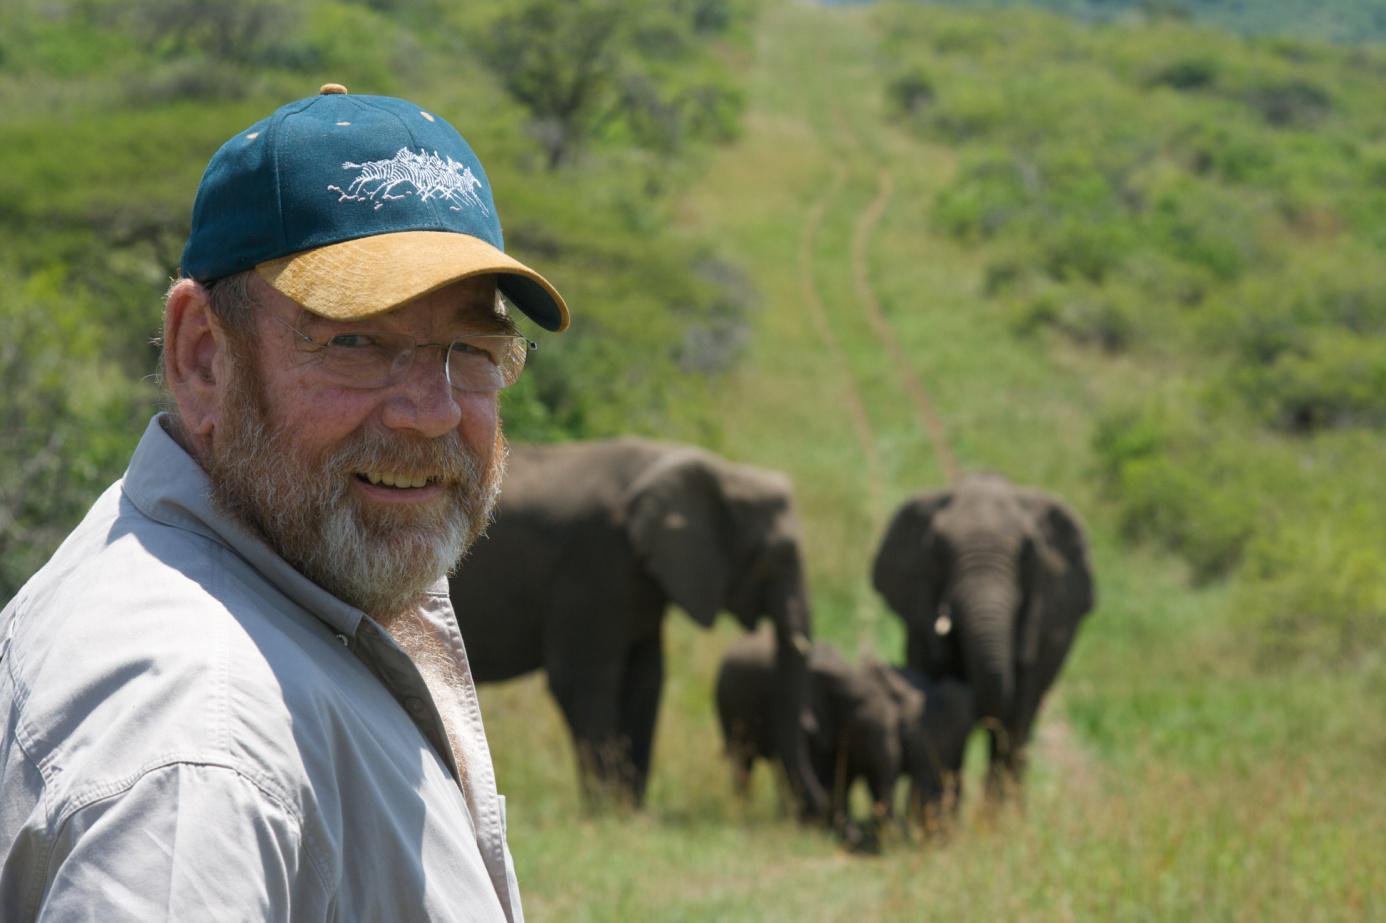 Историята как Антъни спасява слоновете и се сприятелява с тях, като преобръща негативната им нагласа към хората и печели доверието им, е едновременно трогателна и обнадеждаваща. Животът в един резерват не е лесен, особено когато в него има слонове, но ентусиазмът на Антъни и любовта и уважението му към природата се усещат през всички страшни, тъжни или забавни истории, които разказва. Този живот със слоновете е истинско чудо.